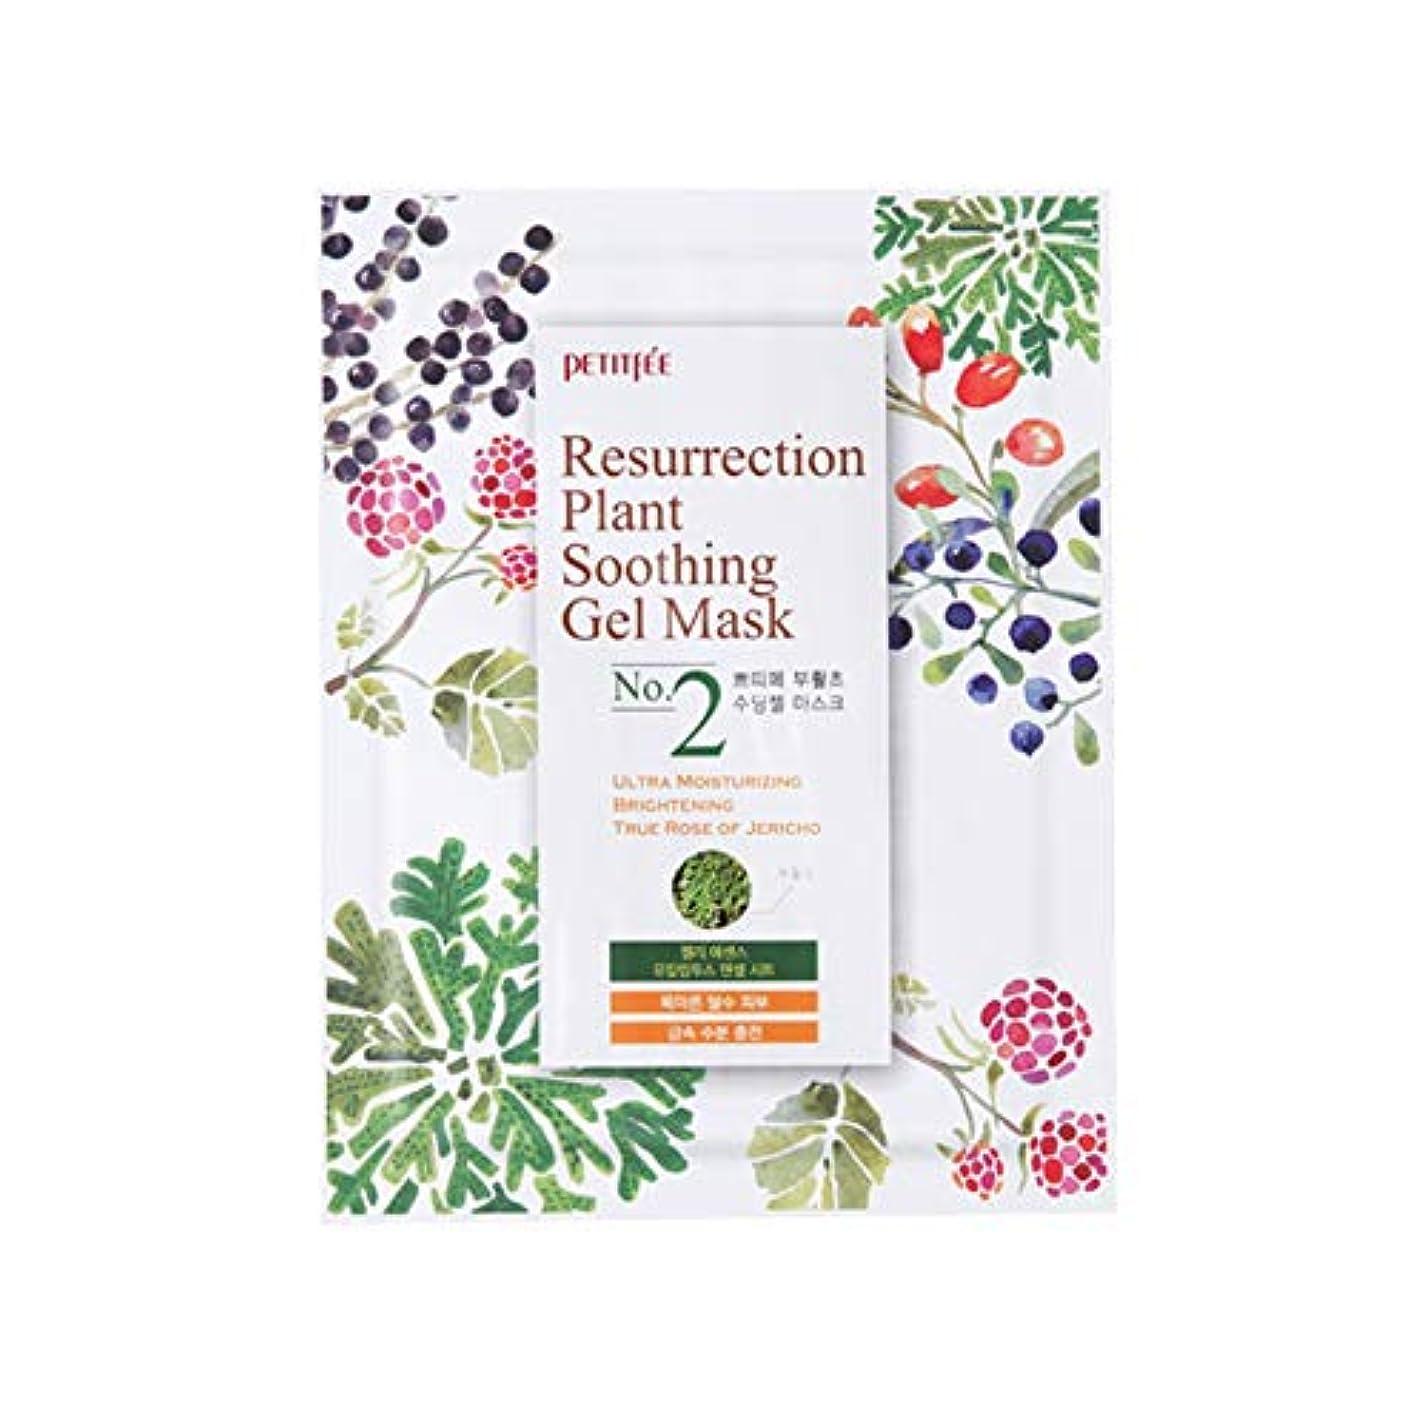 くちばし探す温かいPETITFEE (プチペ) 復活植物スージングジェルマスク30gx10P (保湿) / Resurrection Plant Soothing Gel Mask